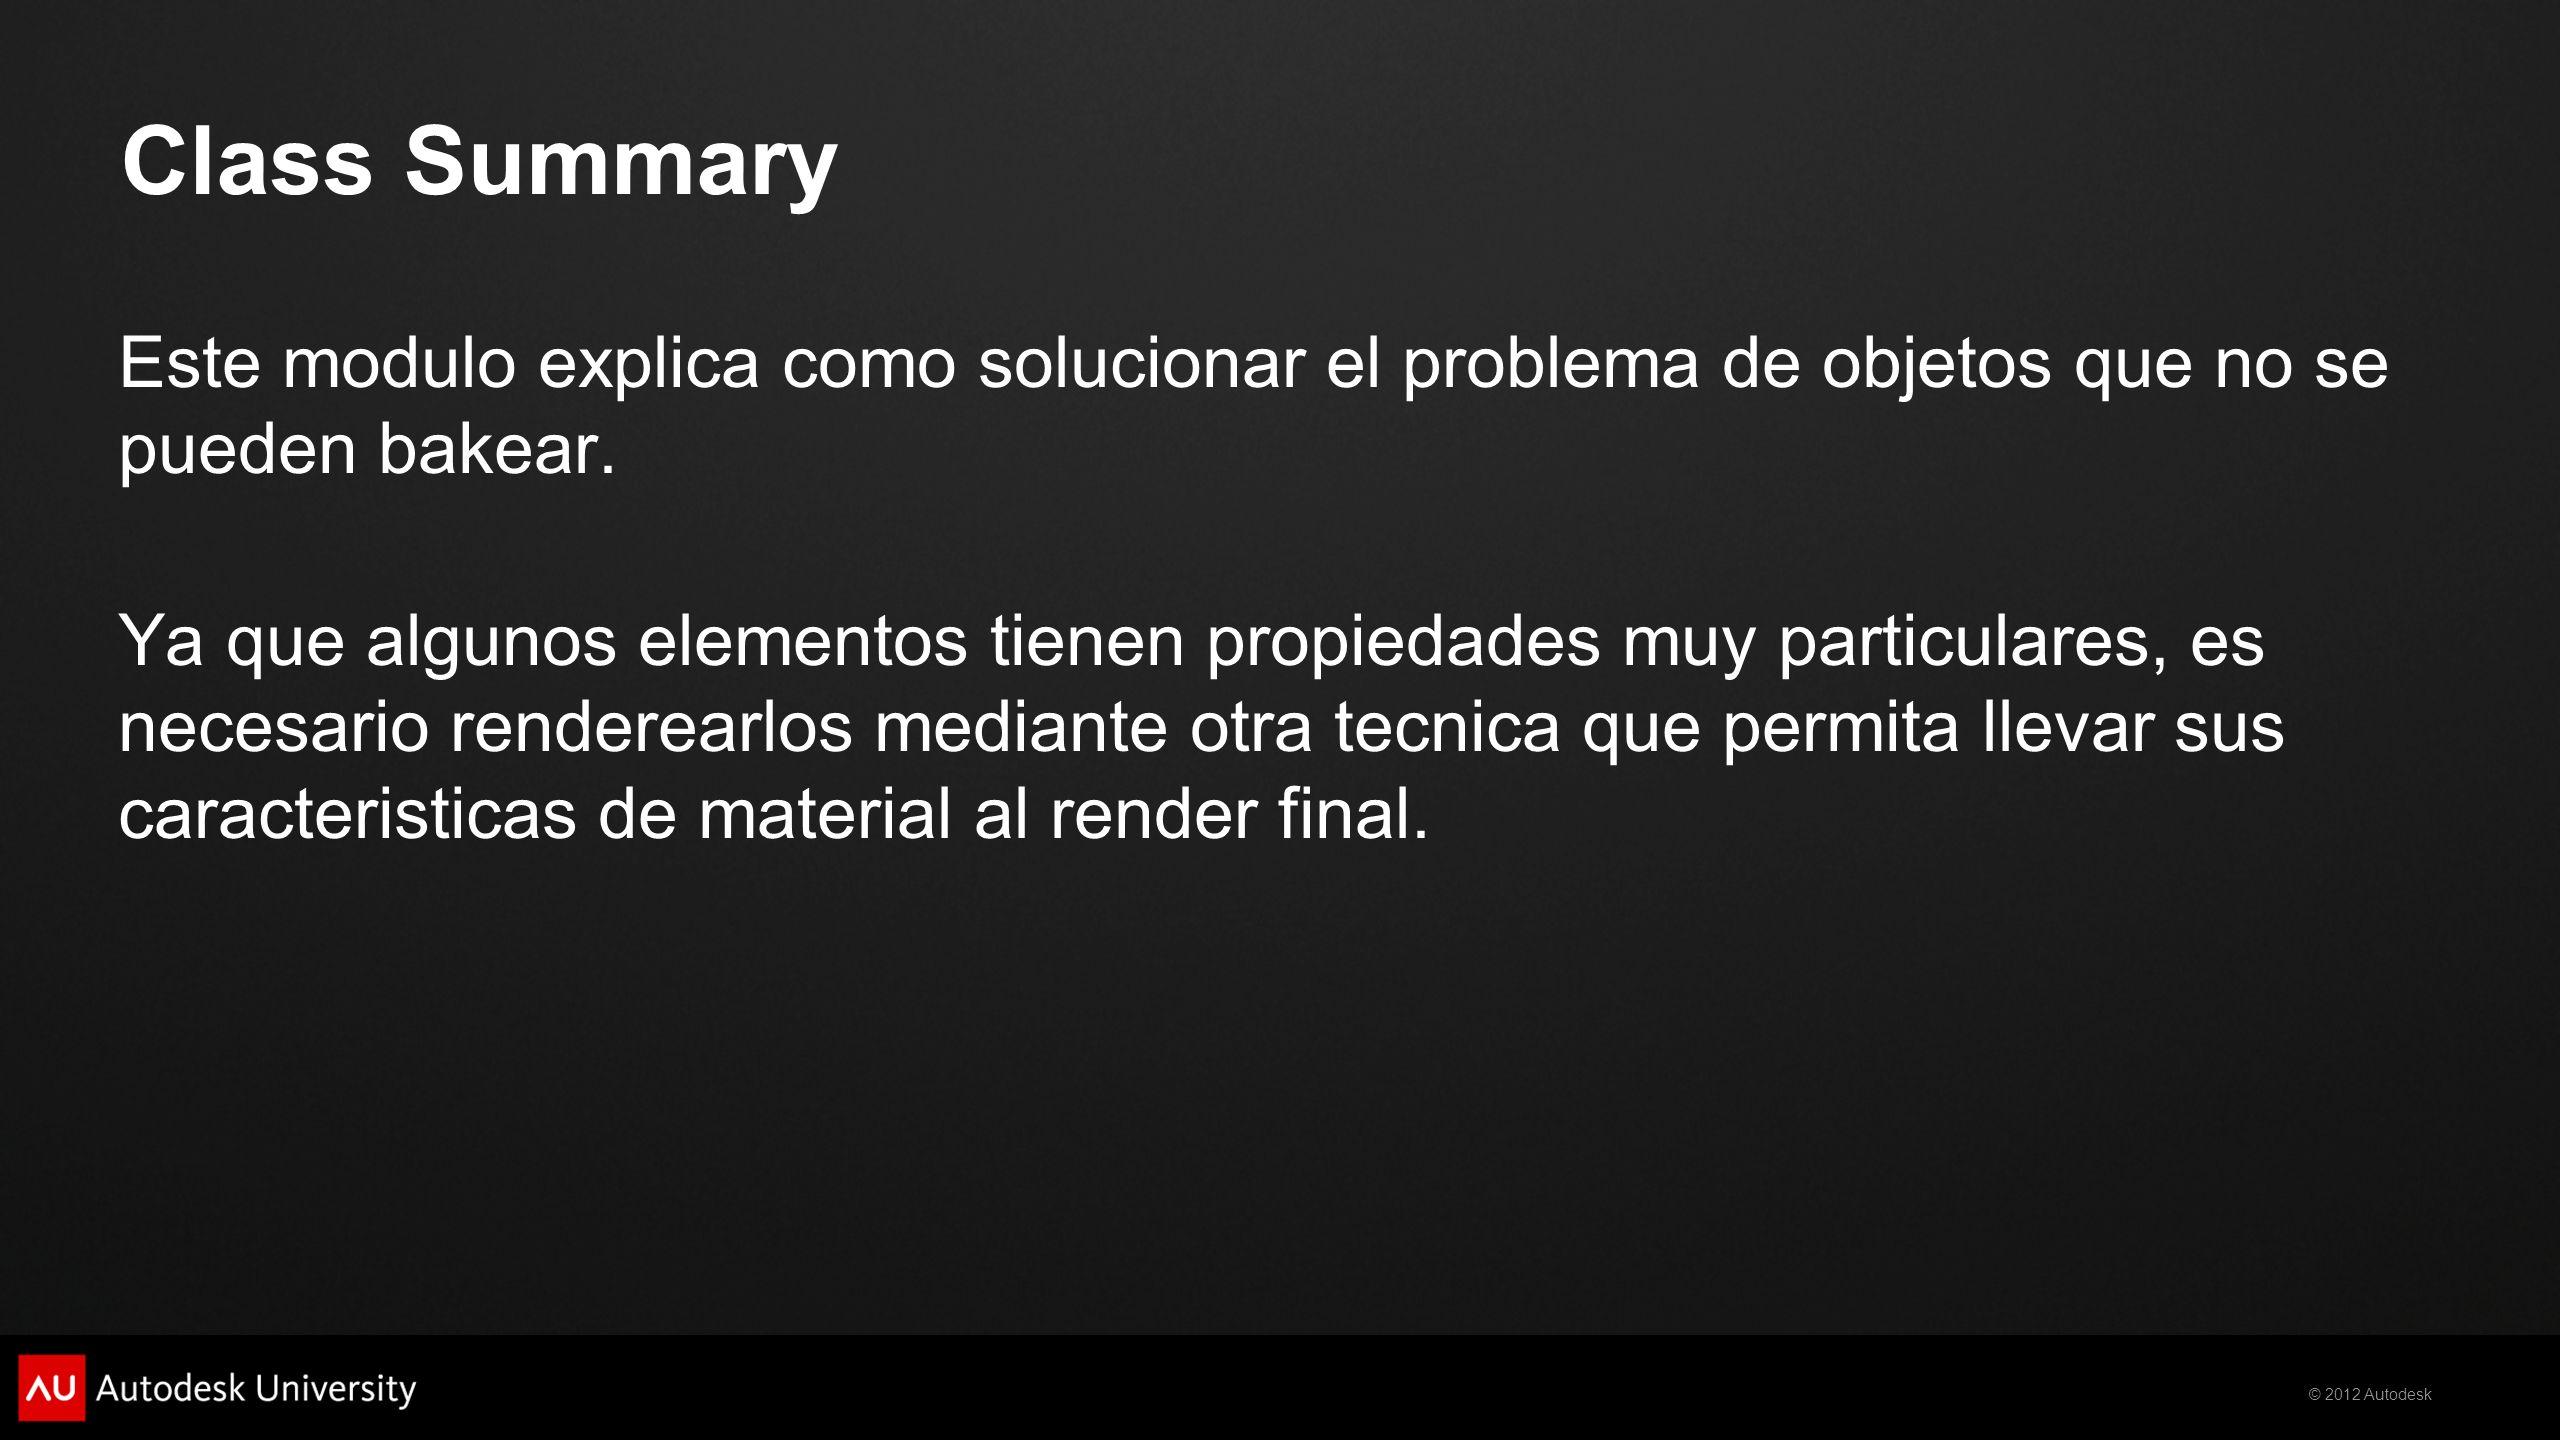 Class SummaryEste modulo explica como solucionar el problema de objetos que no se pueden bakear.